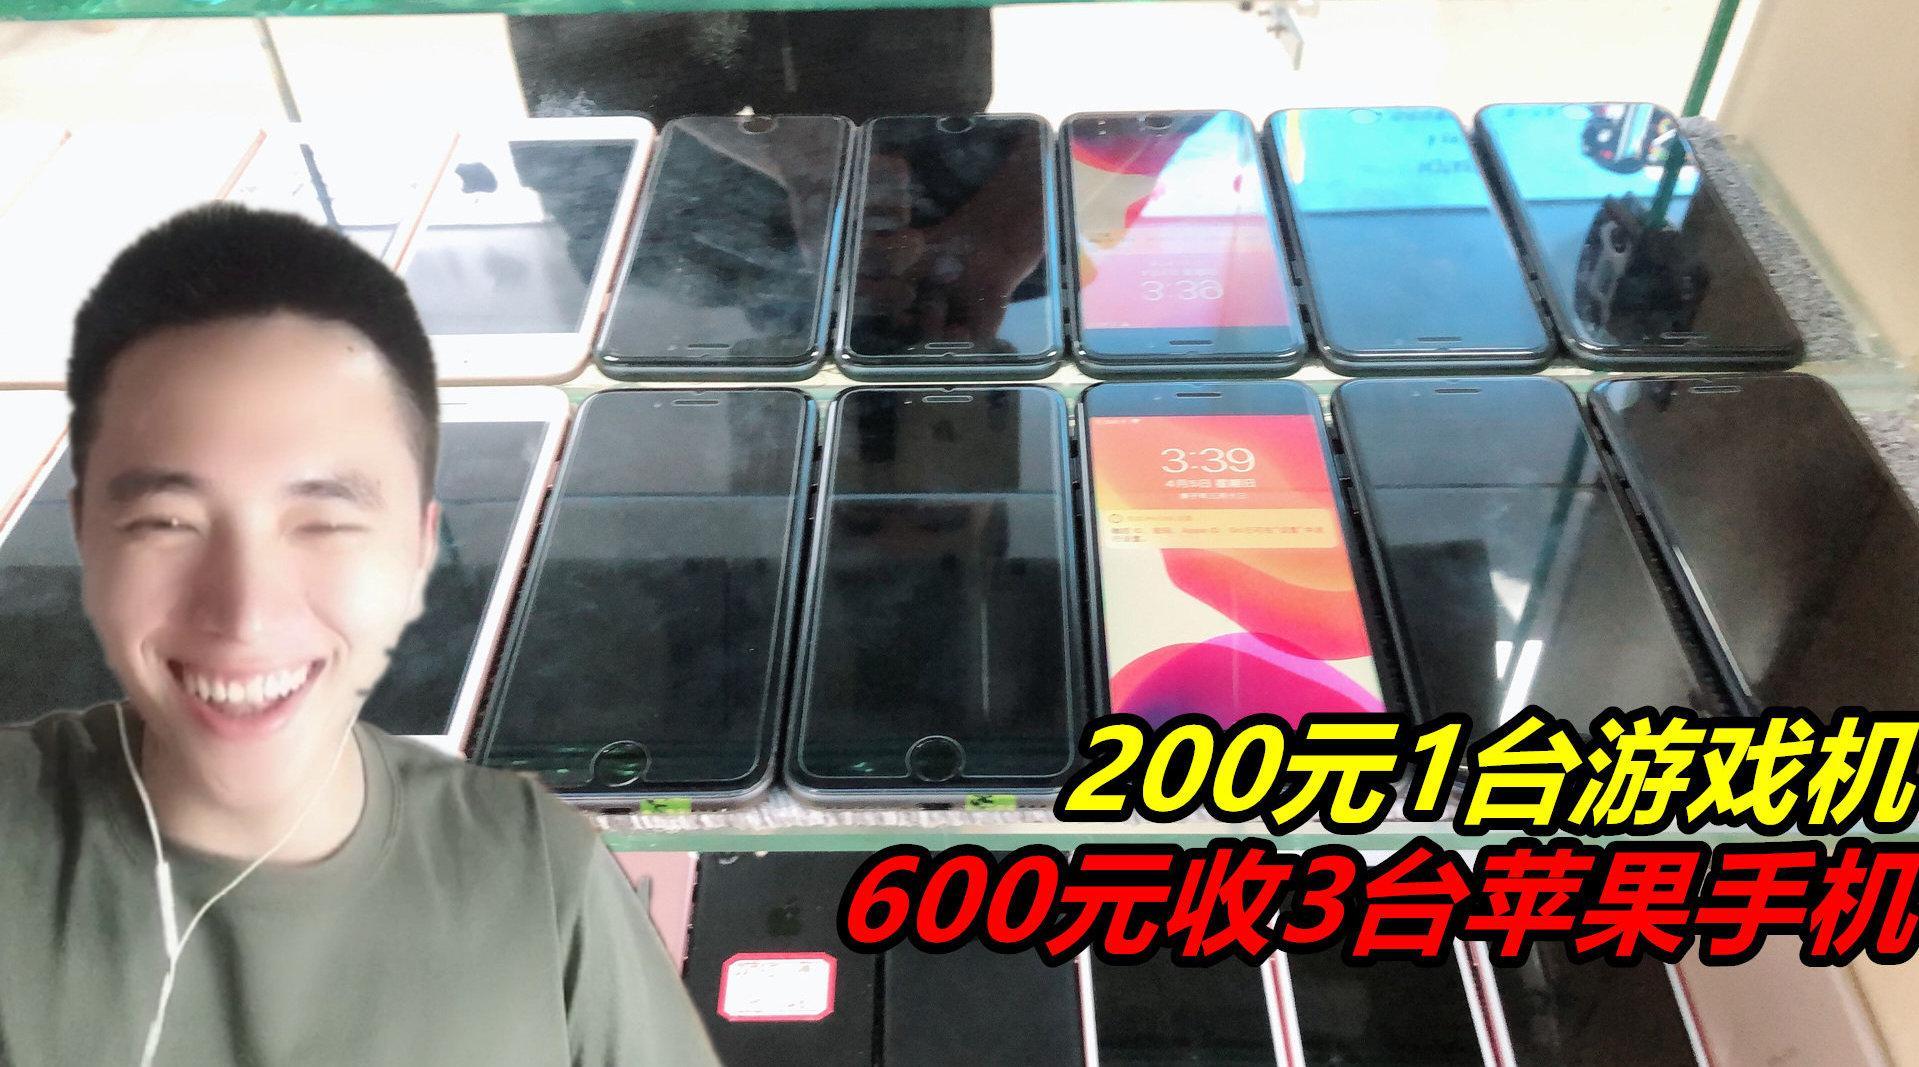 帅小伙揭秘为什么苹果手机卖很贵,有的600元可以买3台,超级划算